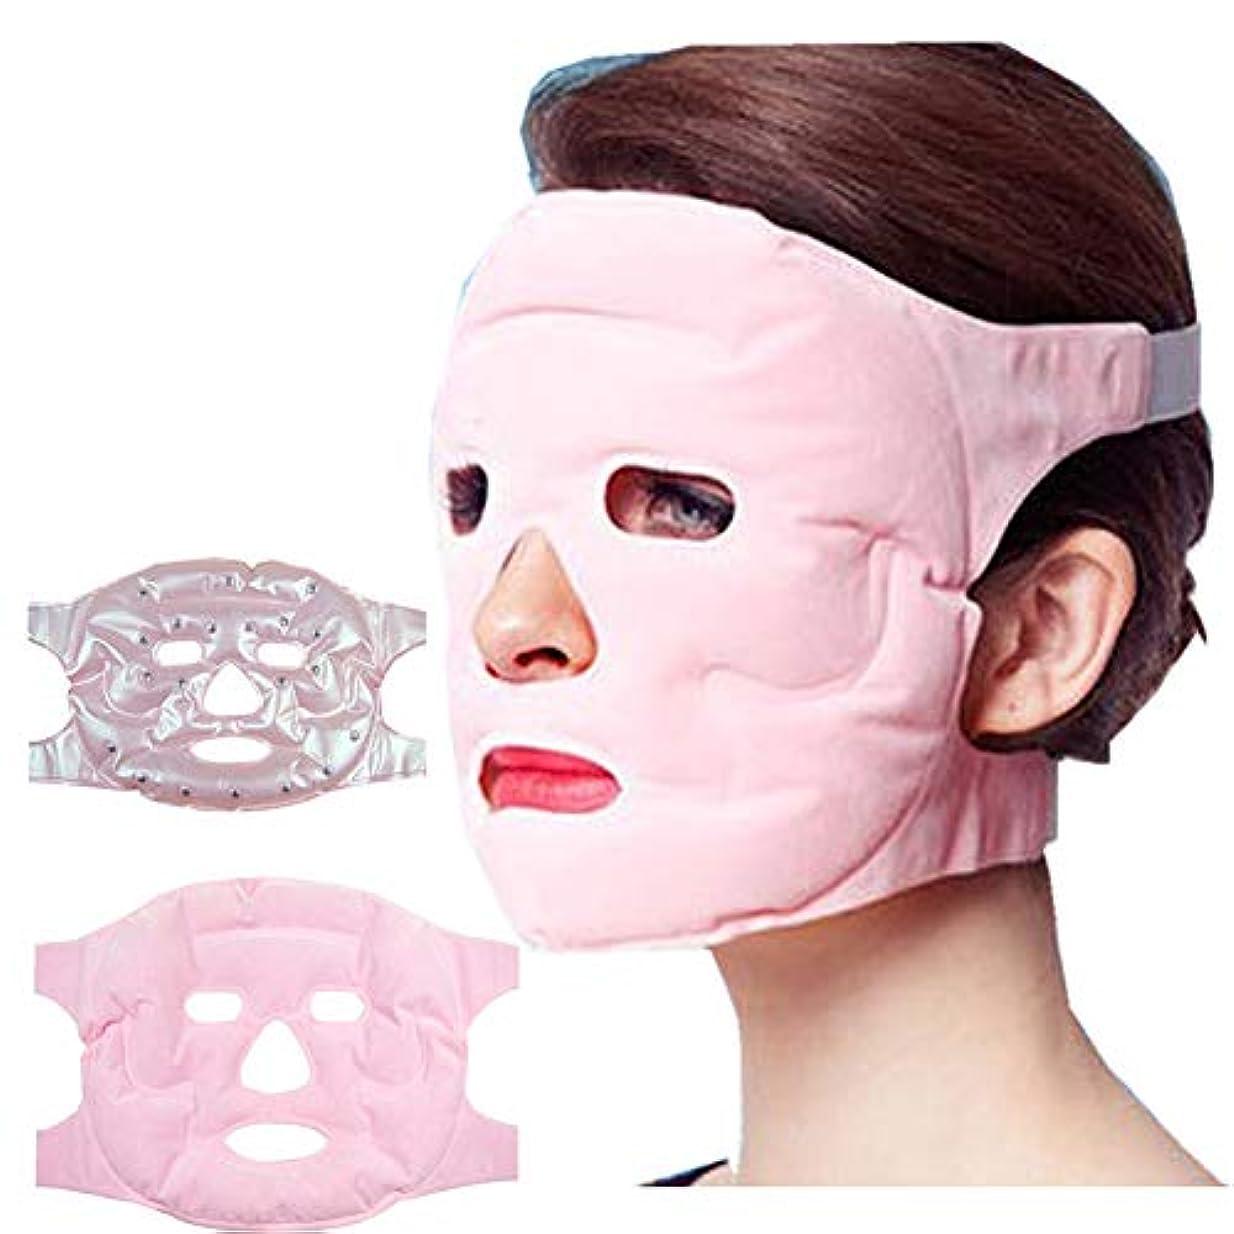 整然としたカブキャリア美容薄いフェイスマスクトルマリン磁気療法マッサージ保湿マスク薄い顔を明るくする肌を再利用できます。